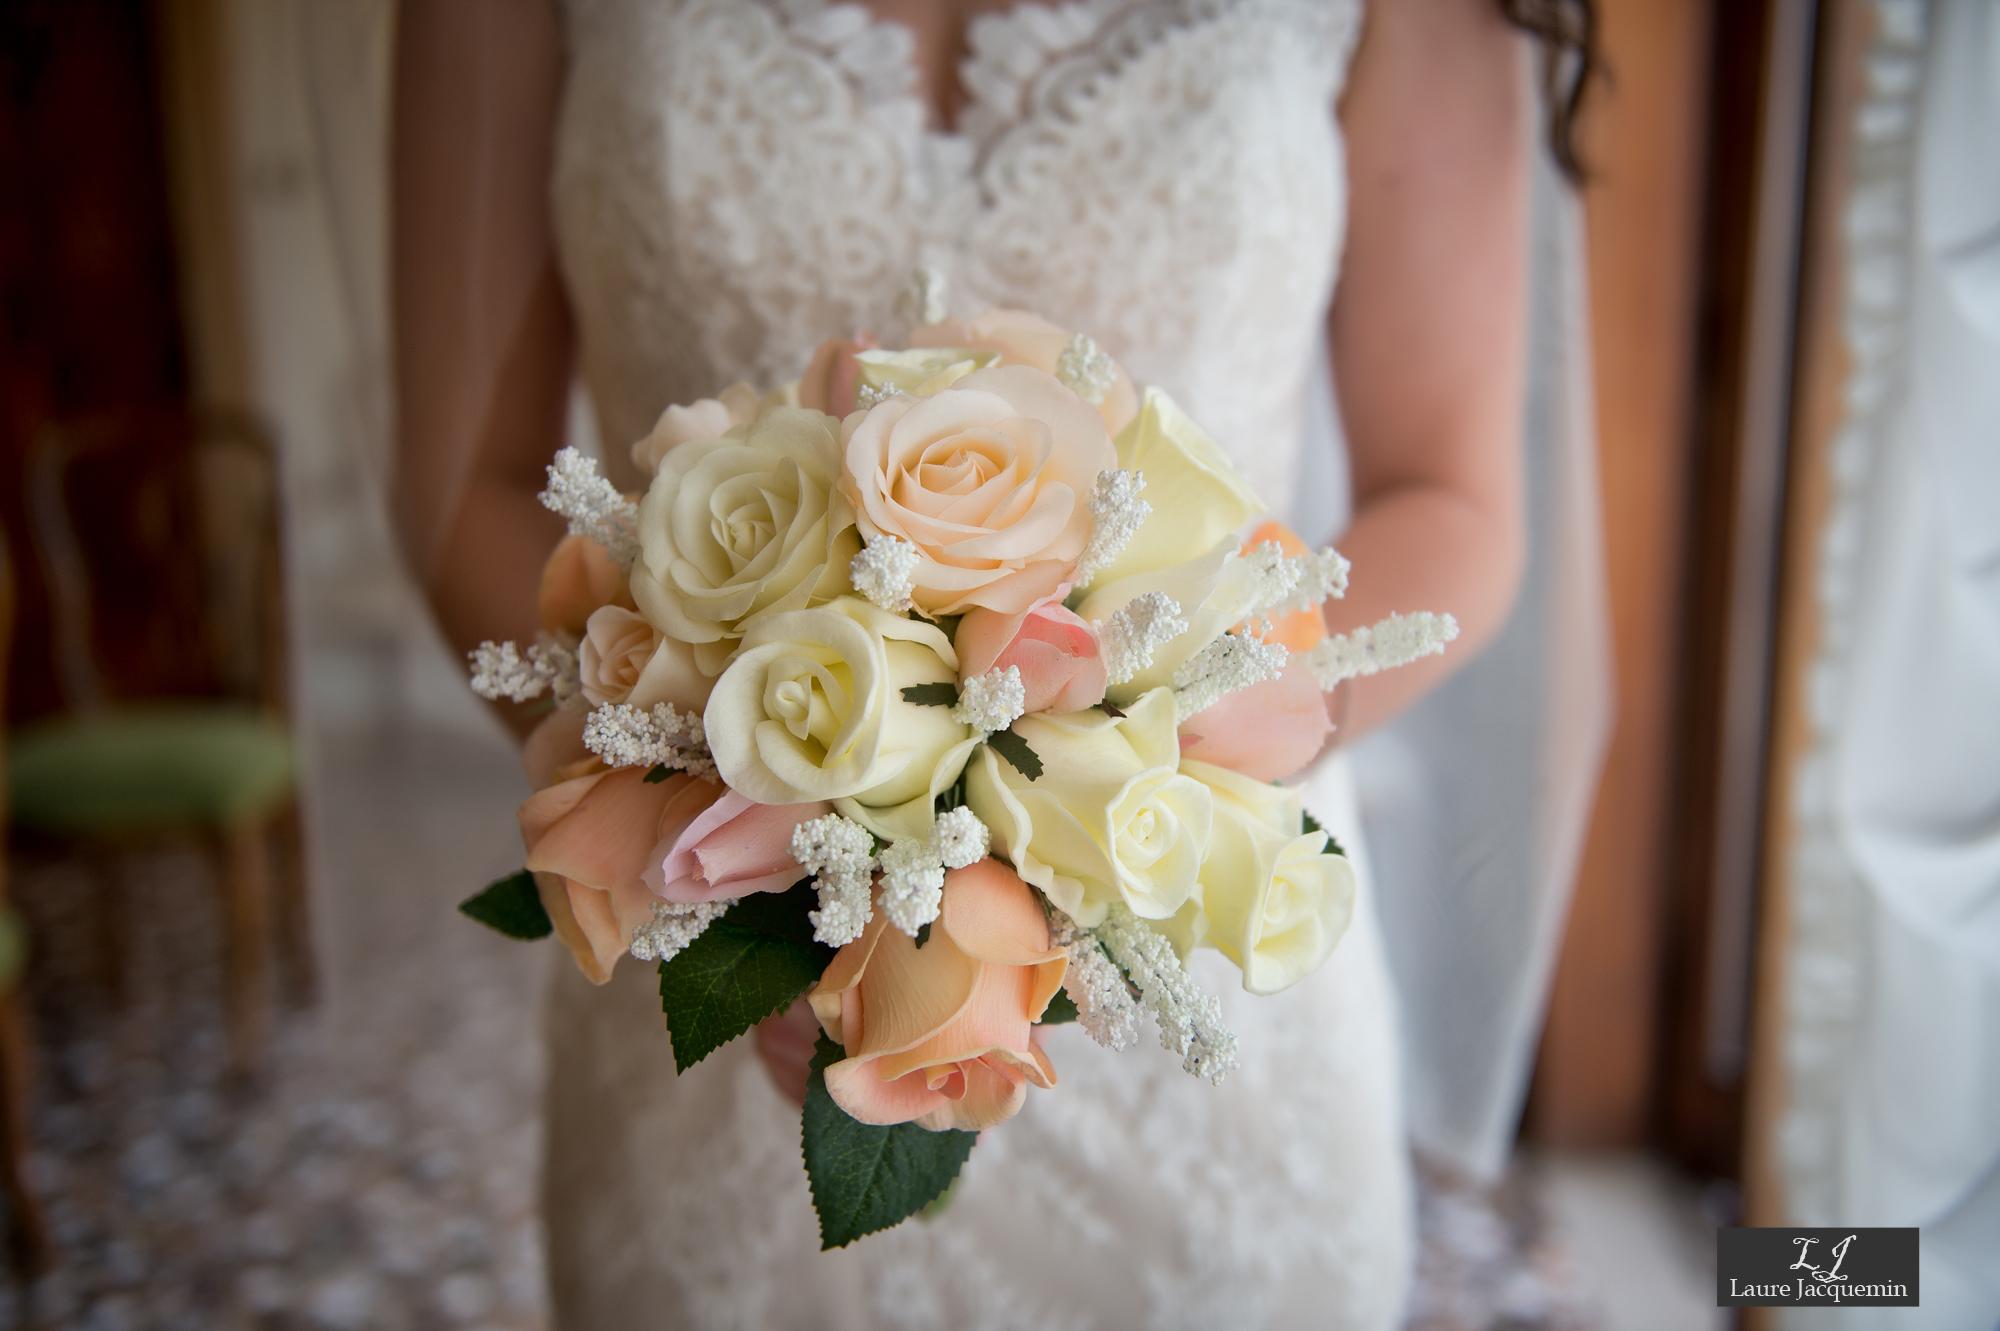 photographe mariage laure jacquemin palazzo cavalli service photographique (48)